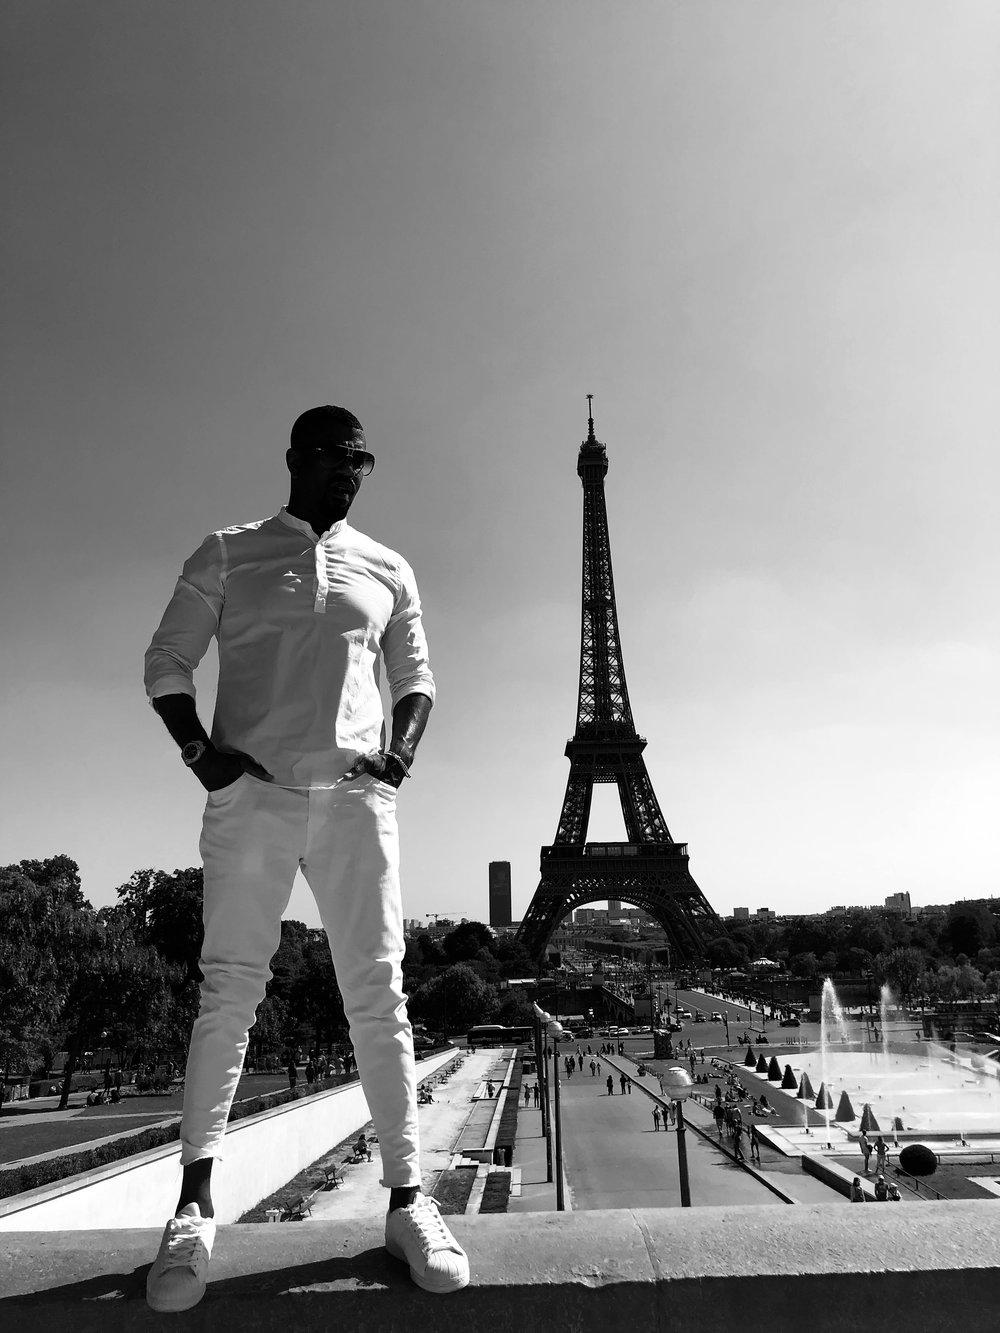 Adidas Eifel Tower